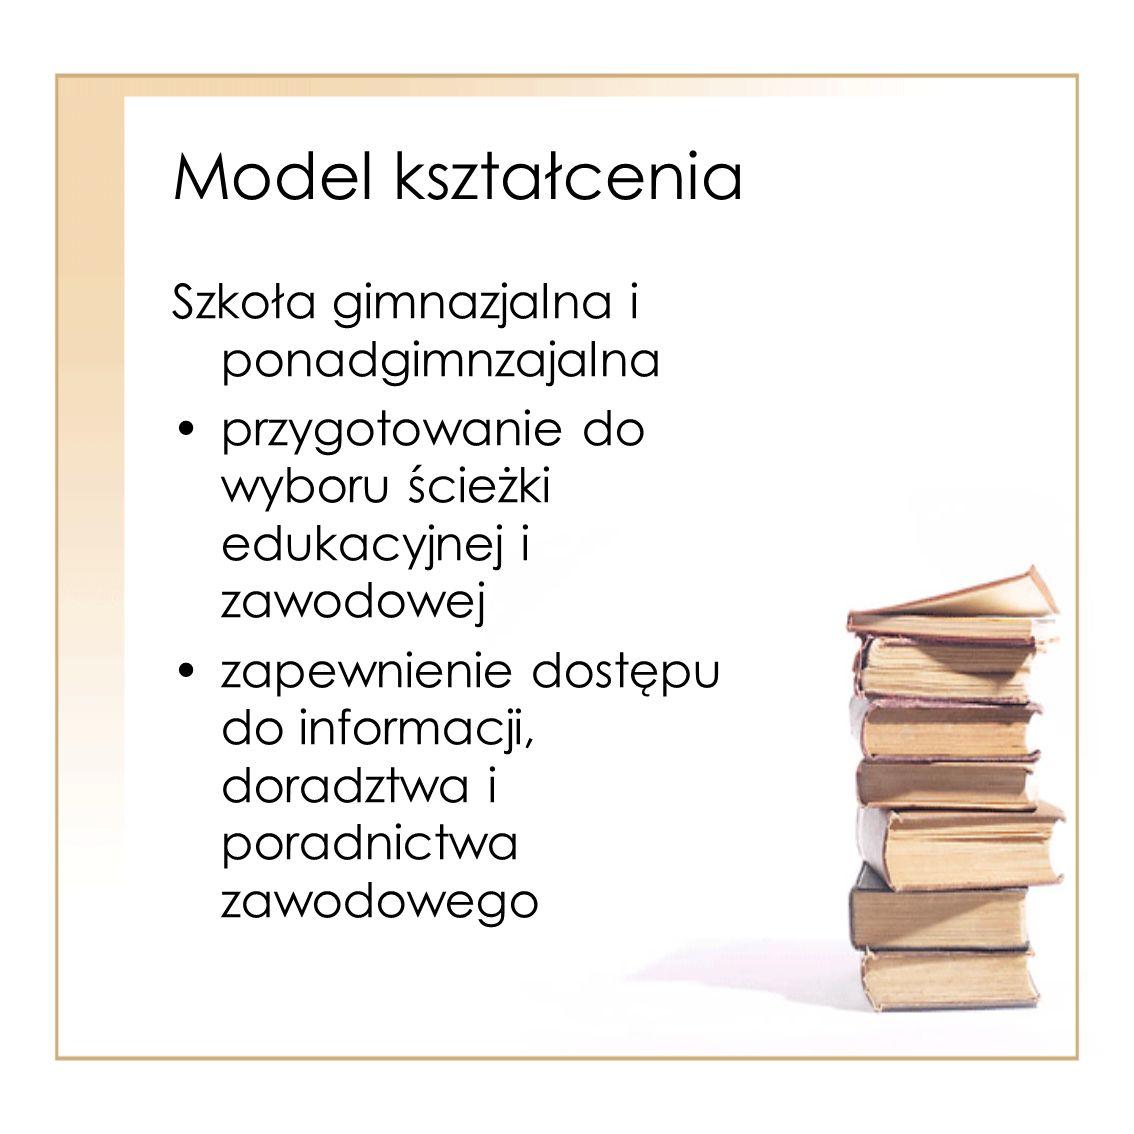 Specjalne potrzeby edukacyjne uczniowie z upośledzeniem umysłowym w stopniu lekkim, umiarkowanym, głębokim (orzeczenie) ; niewidomi i słabowidzący (orzeczenie) ; niesłyszący i słabosłyszący (orzeczenie) ; z autyzmem, Zespół Aspergera), (orzeczenie) ; z niepełosprawnością ruchową, w tym z afazją, (orzeczenie) ; uczniowie z chorobami przewlekłymi (opinia) ; Uczniowie z ADHD, zaburzenia zachowania (opinia) – nie ma orzeczenia od 1.09.1011